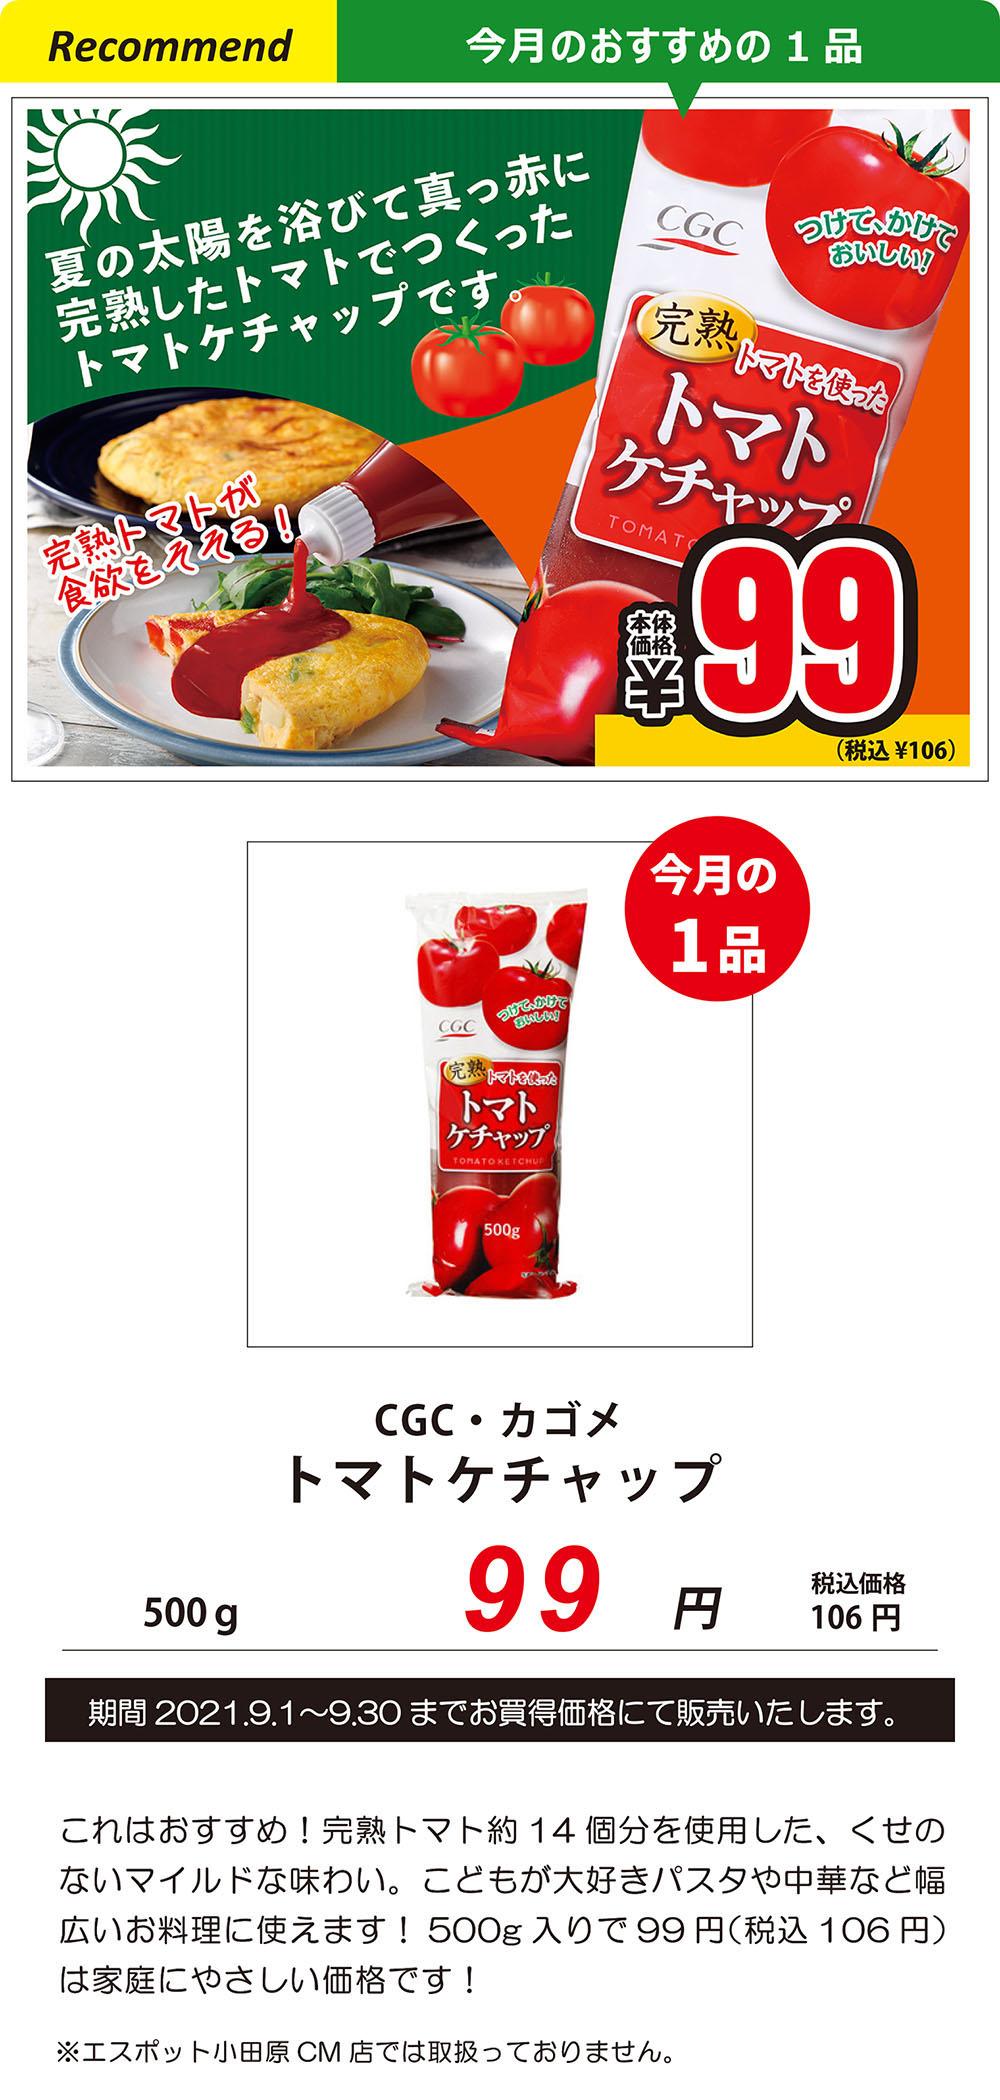 CGC・カゴメ トマトケチャップ